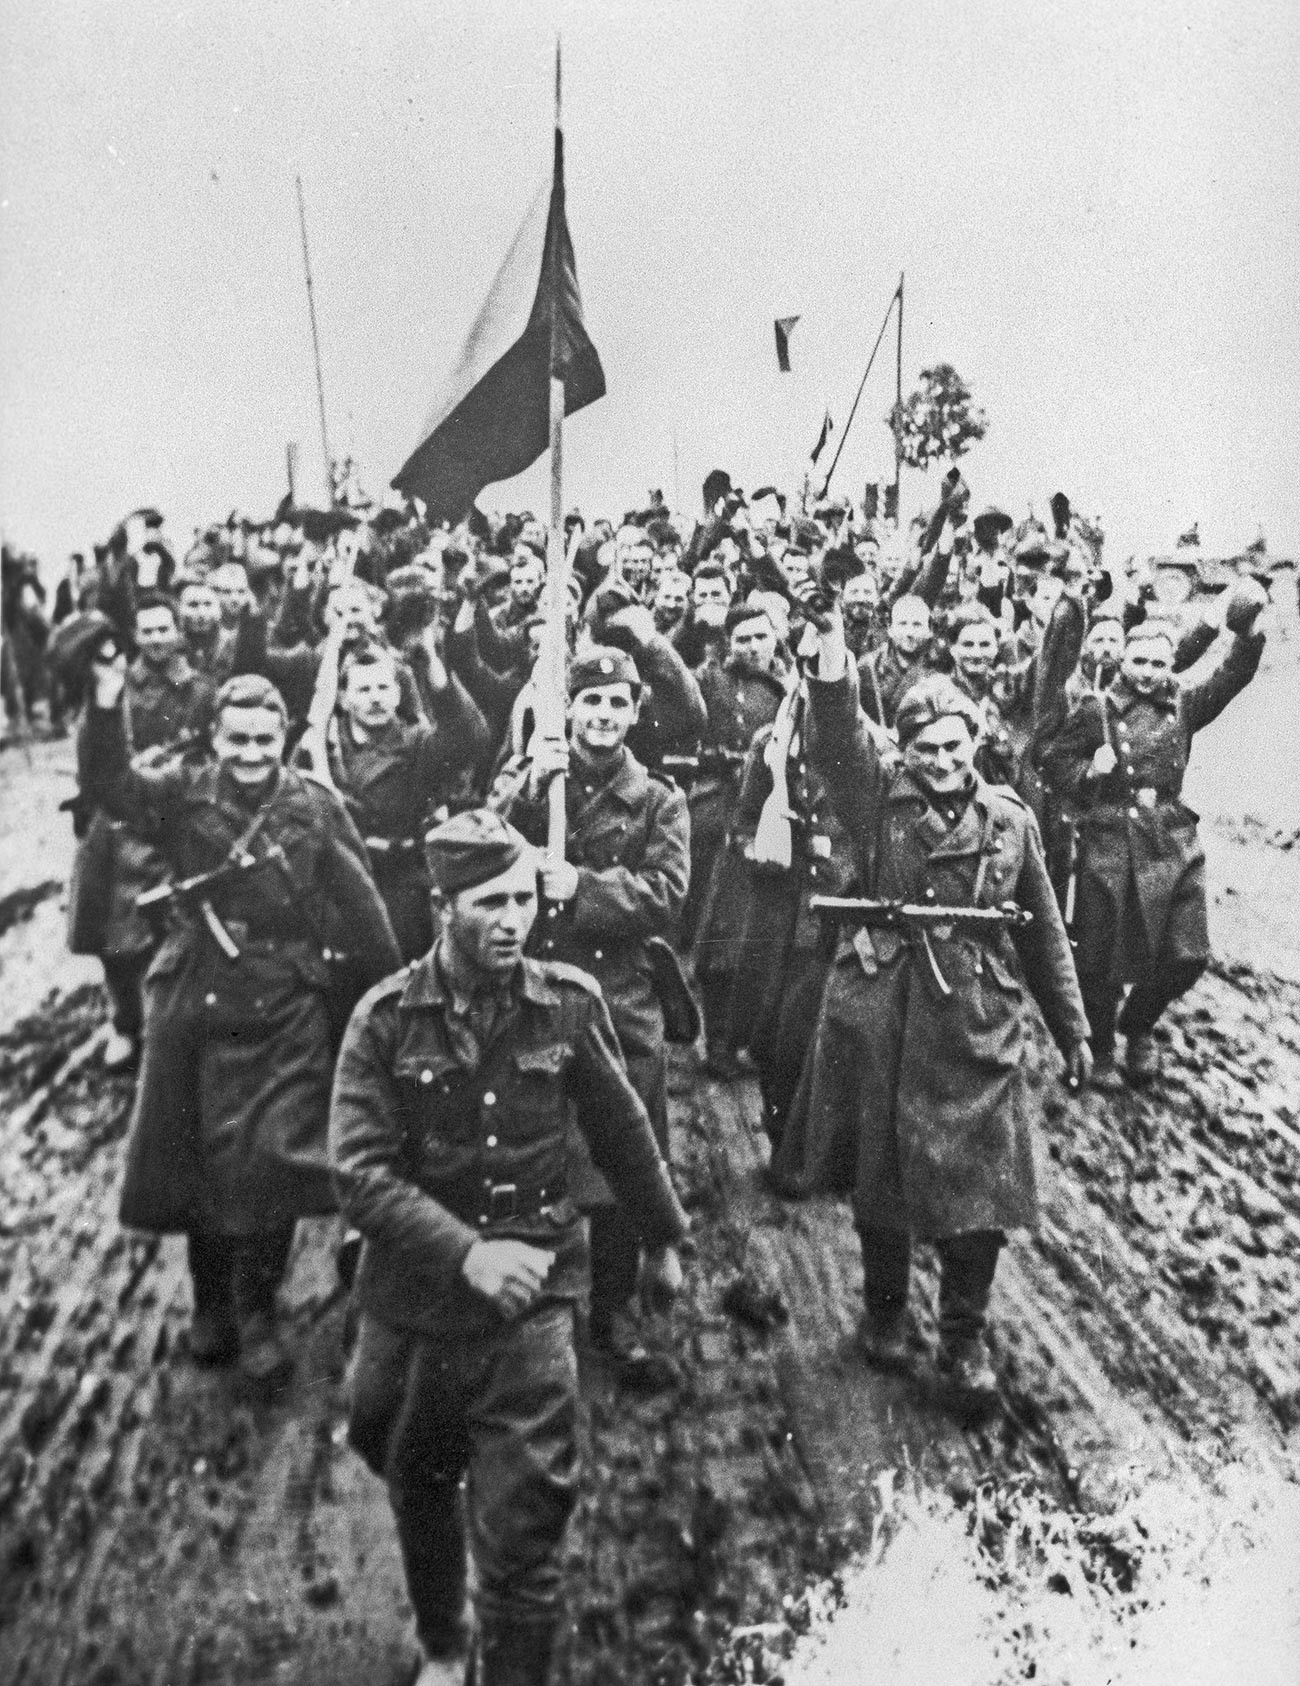 Великата отечествена война 1941-1945. Войници от Първи чехословашки армейски корпус. /От архива на Централния музей на въоръжените сили на СССР